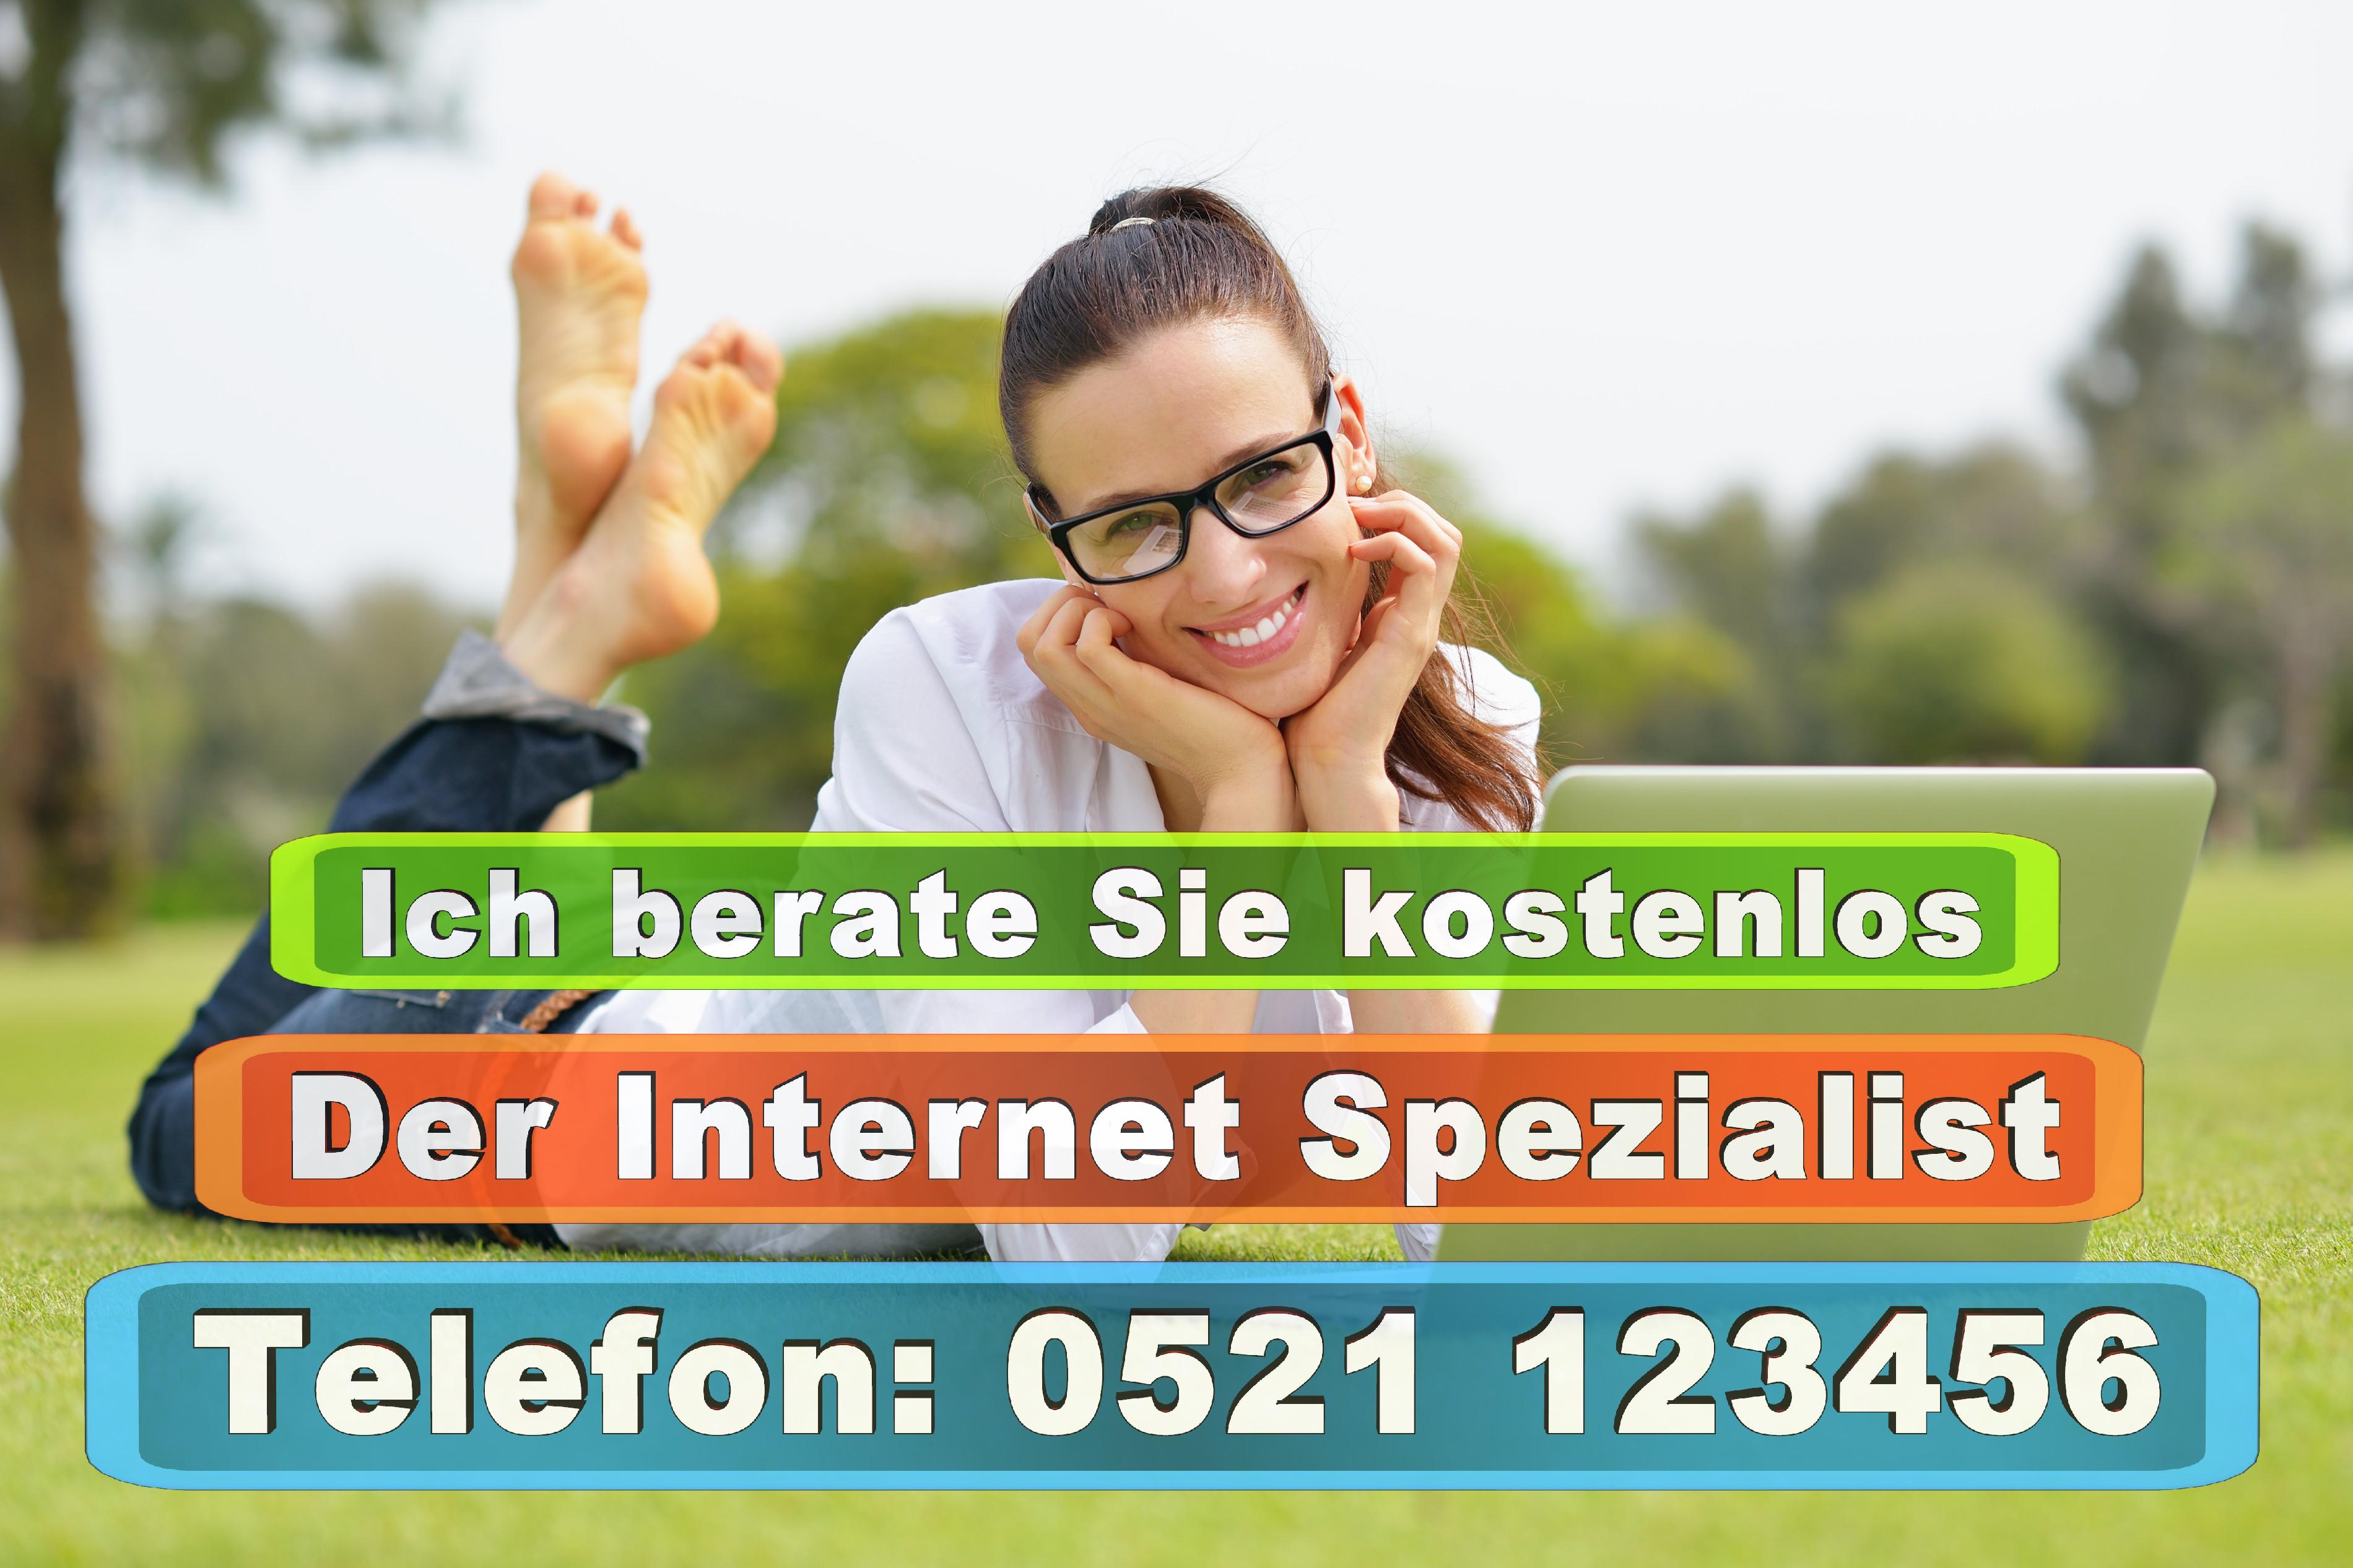 UNI Bielefeld Universität Bielefeld NRW Studentenwohnheim Mensa UNI Bielefeld NRW (7)